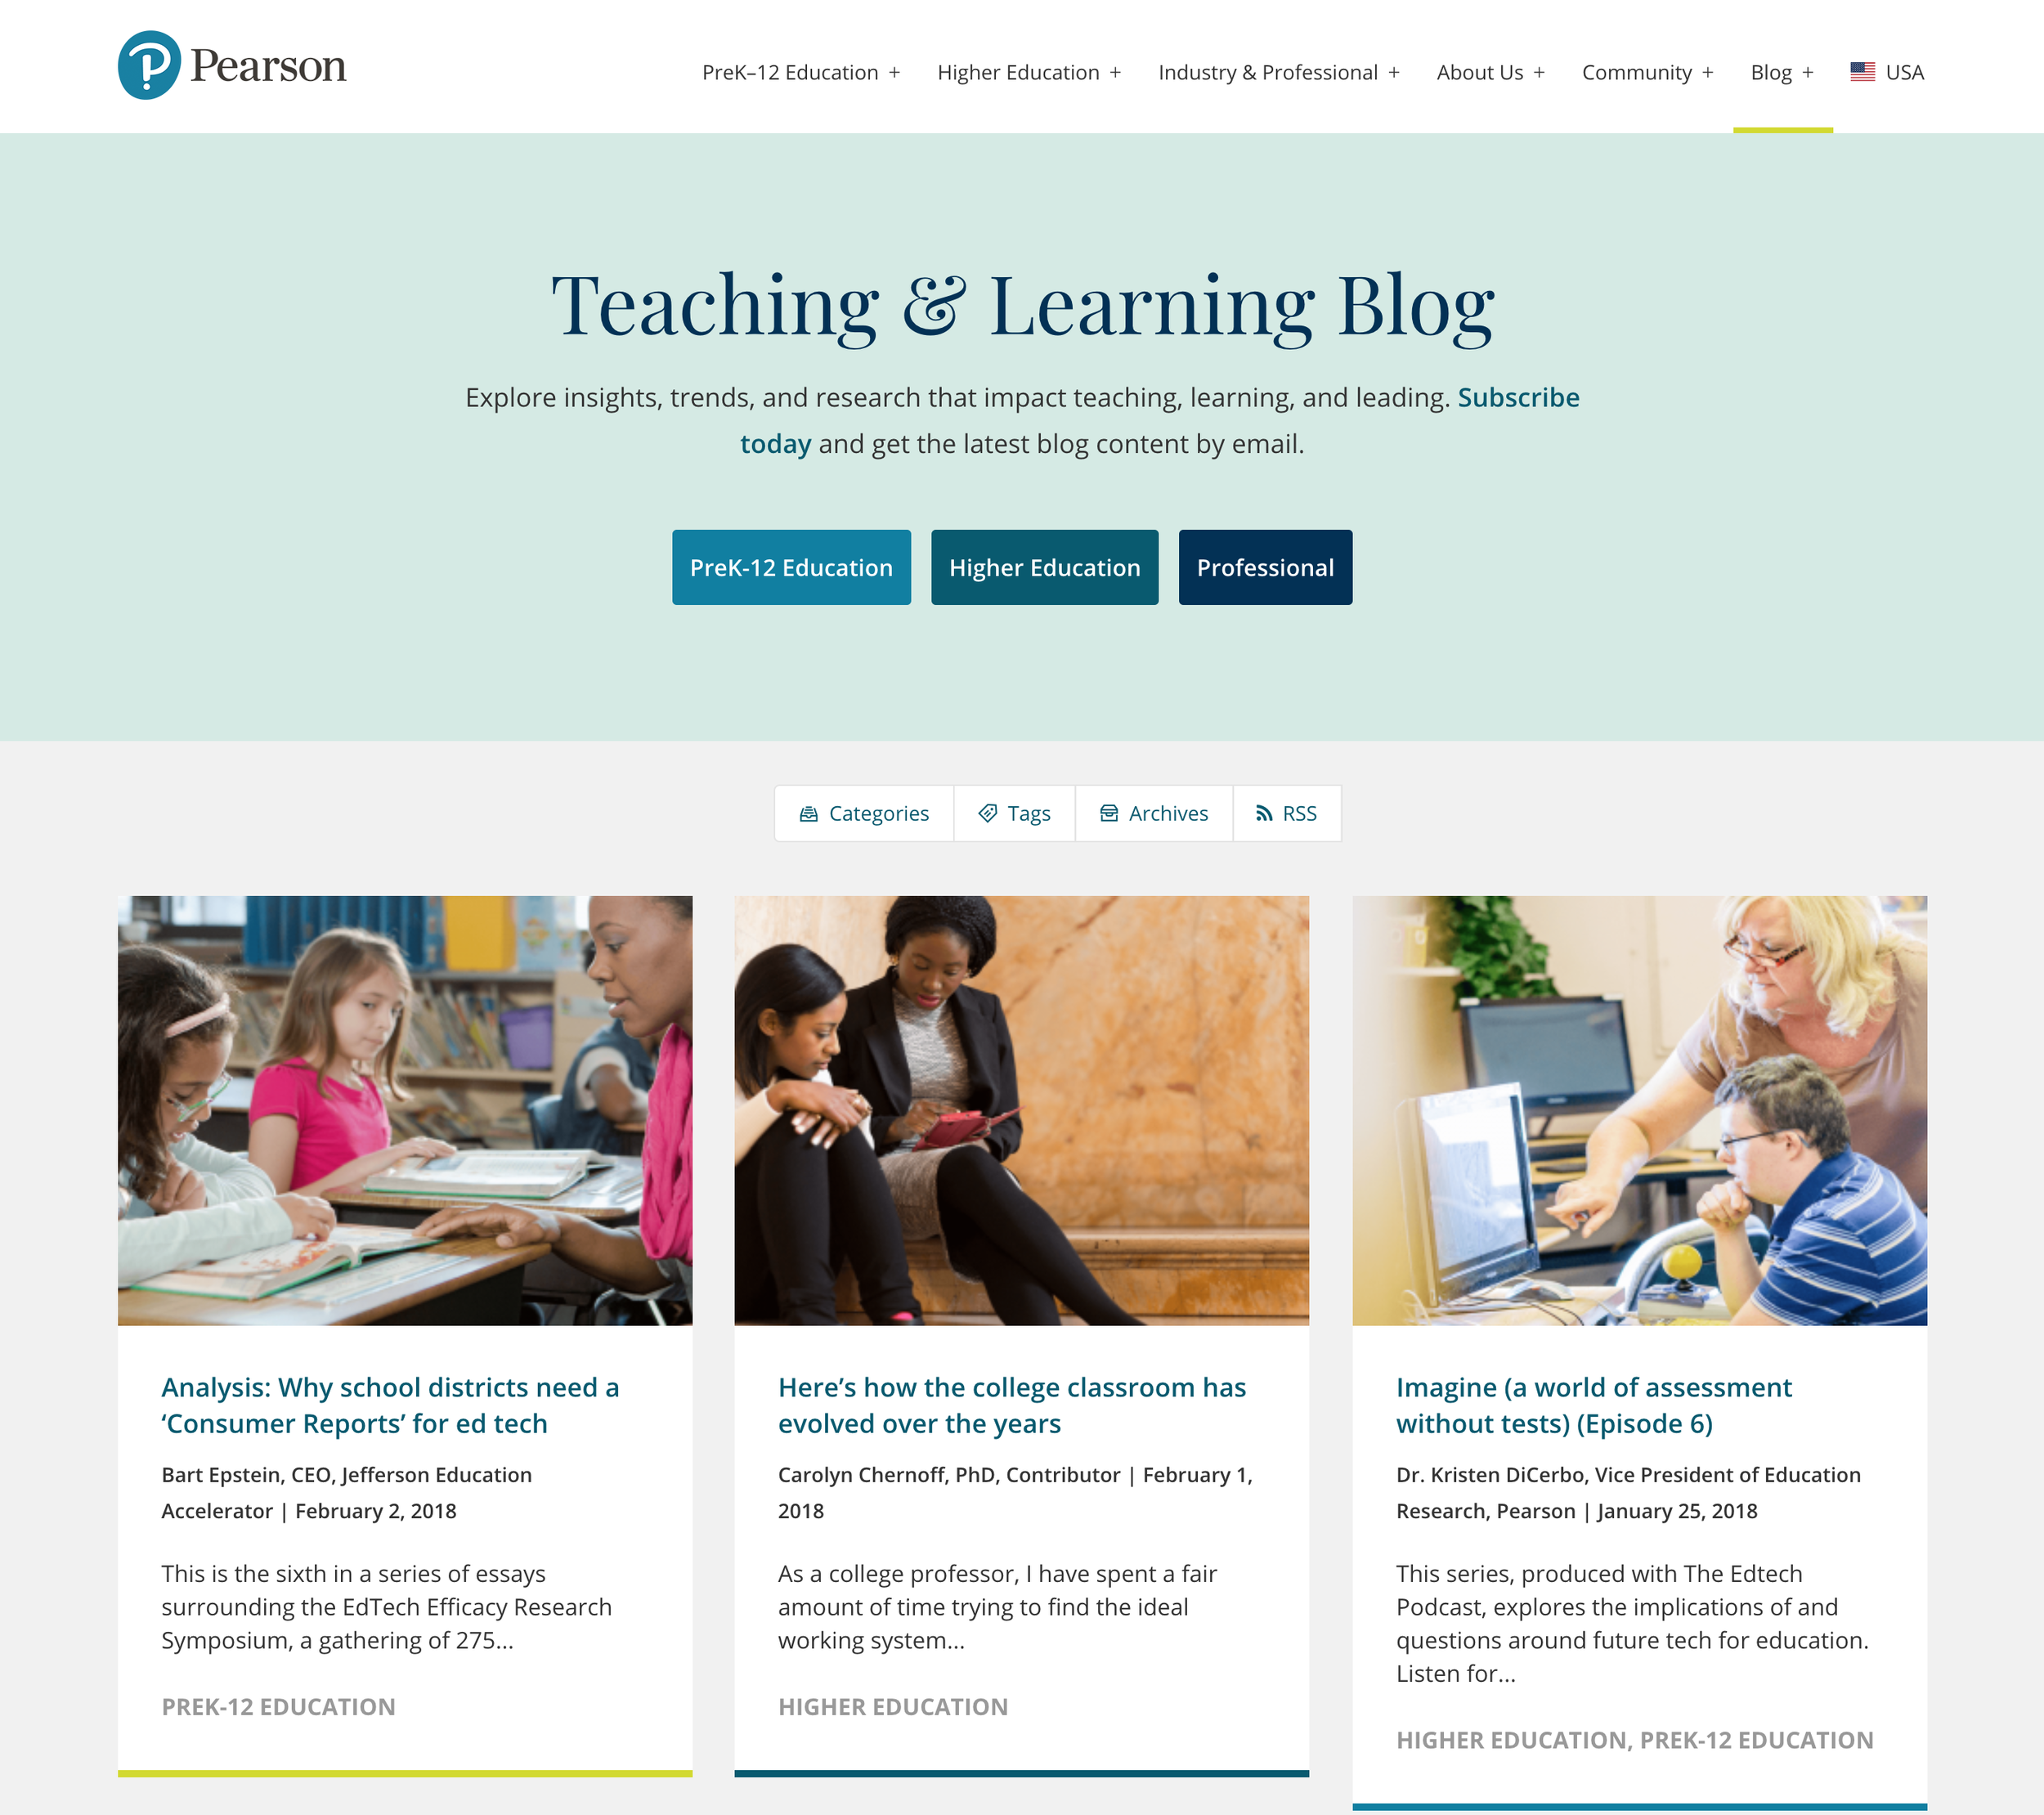 Digital-Veer-Pearson-Blog.png